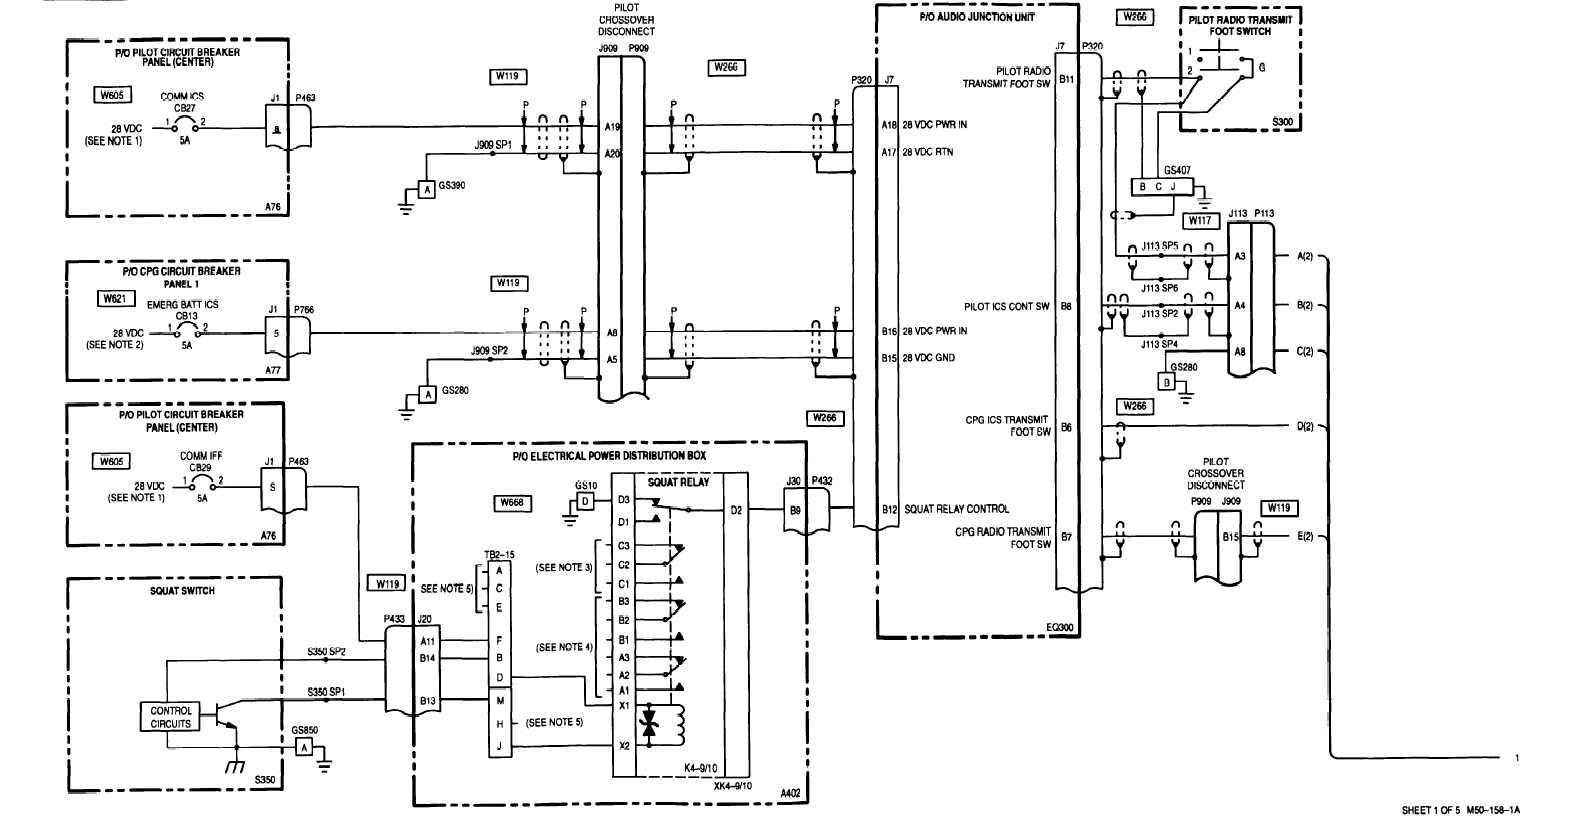 sheet 1 of 5 m50 -158